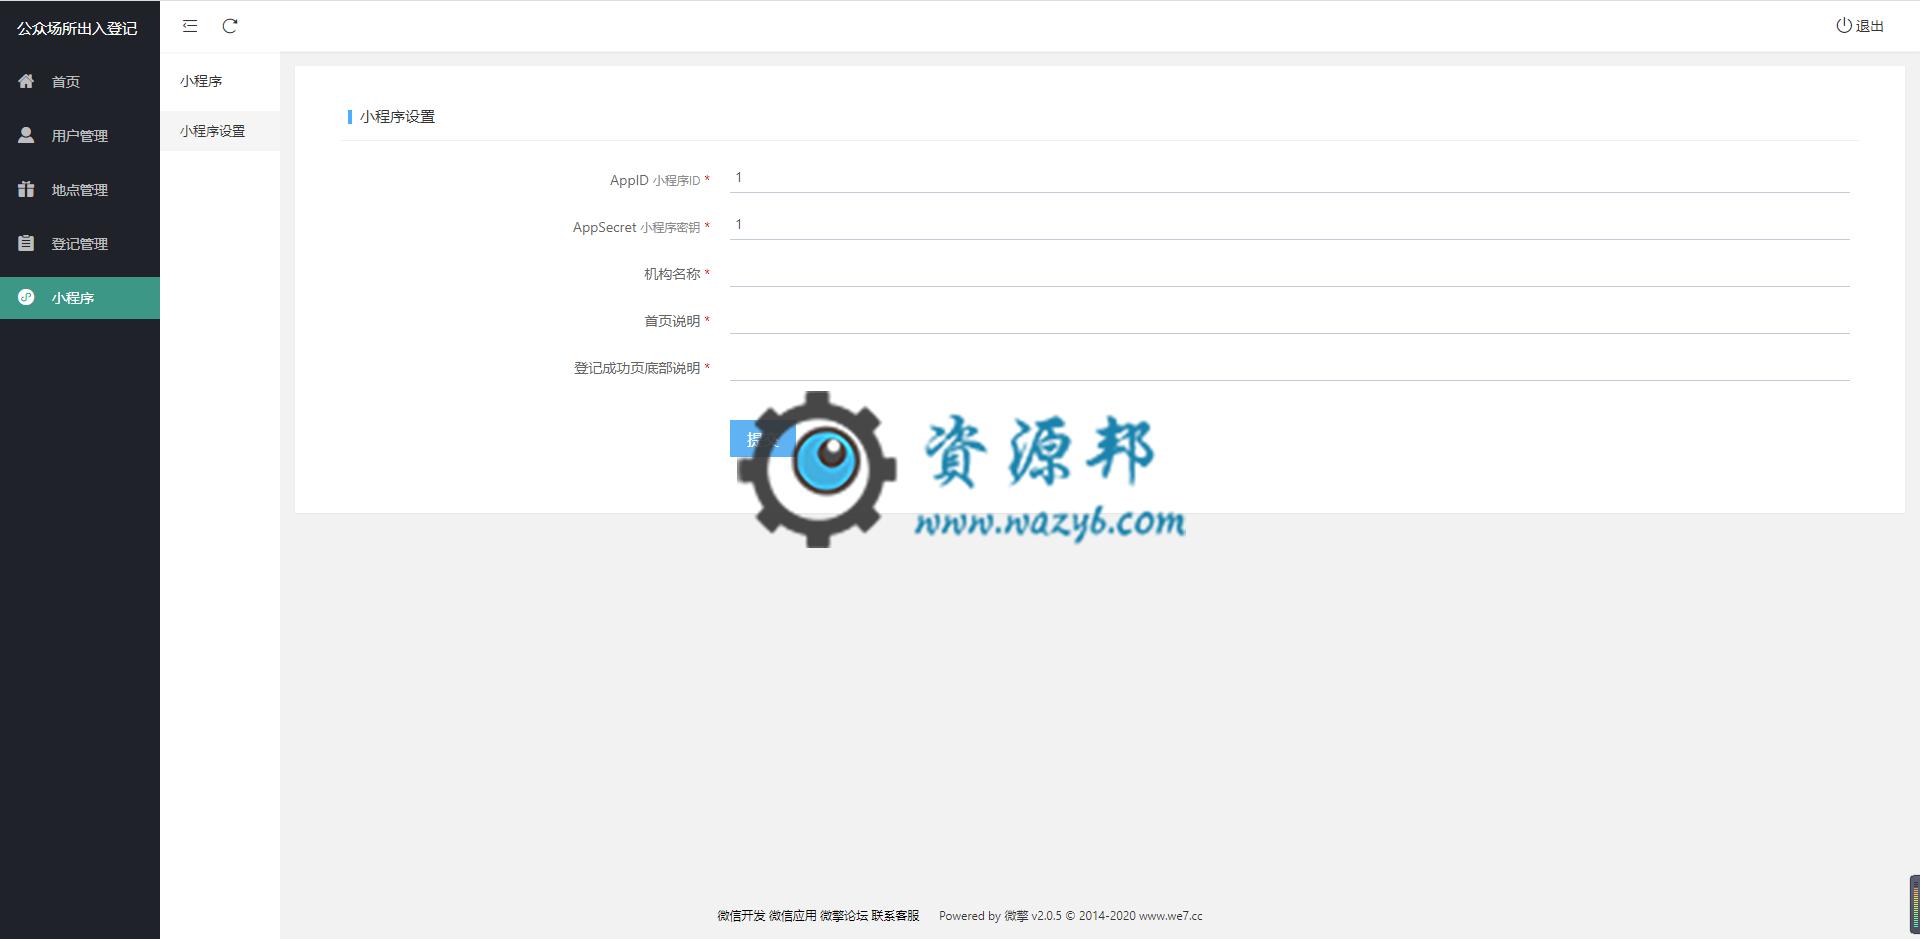 【微信小程序】公众场所出入登记小程序V1.0.5安装包+小程序前端,新增后台登记列表用户详细信息显示 小程序源码 第4张